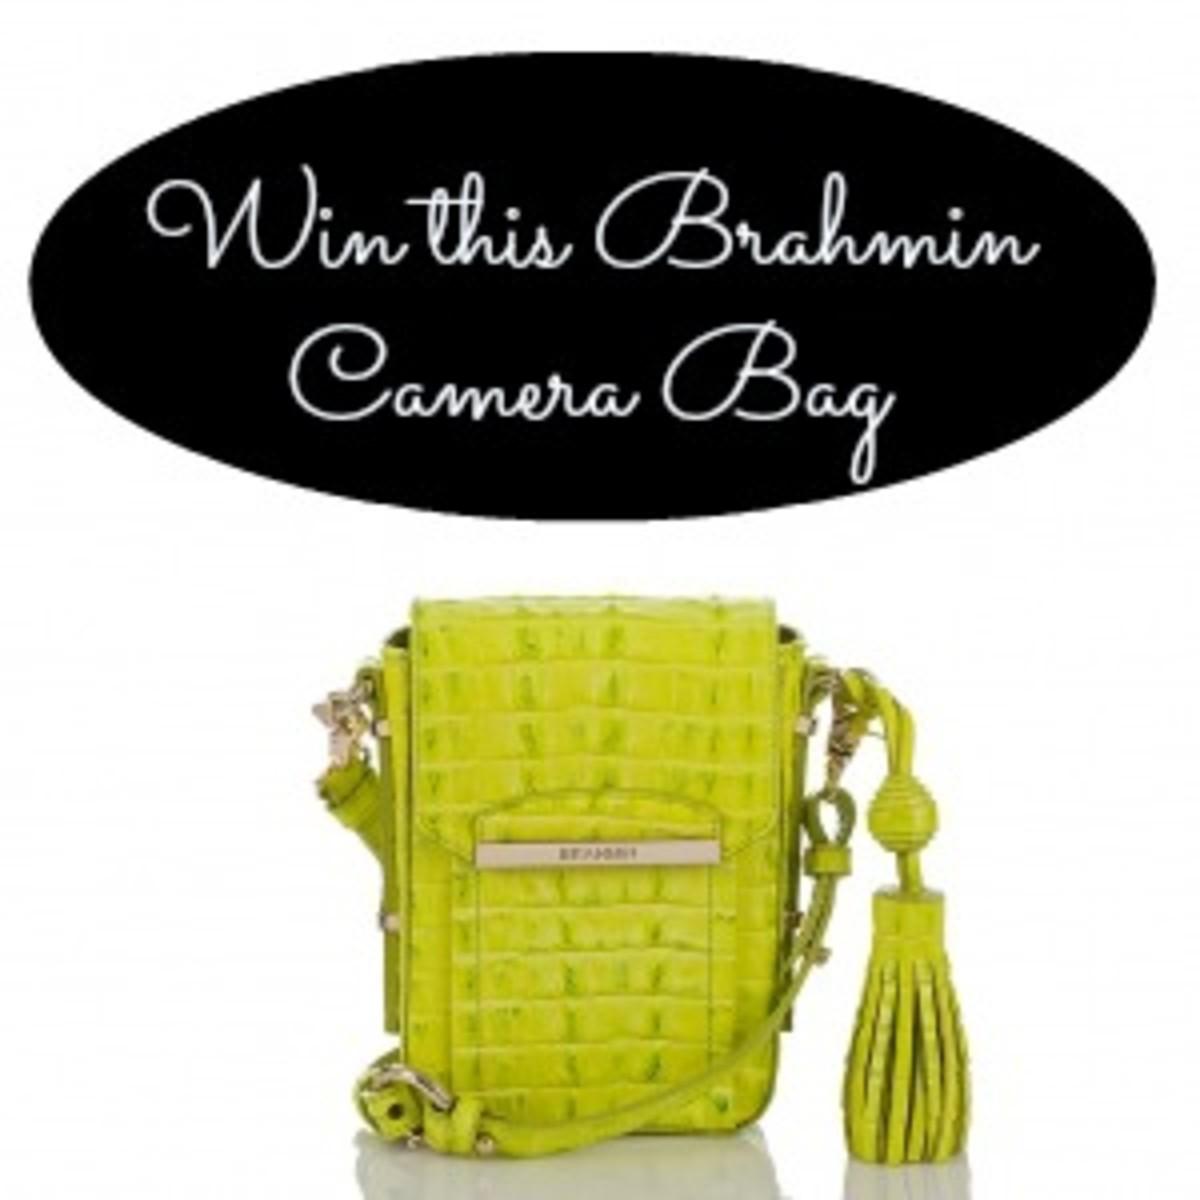 brahmin camera bag